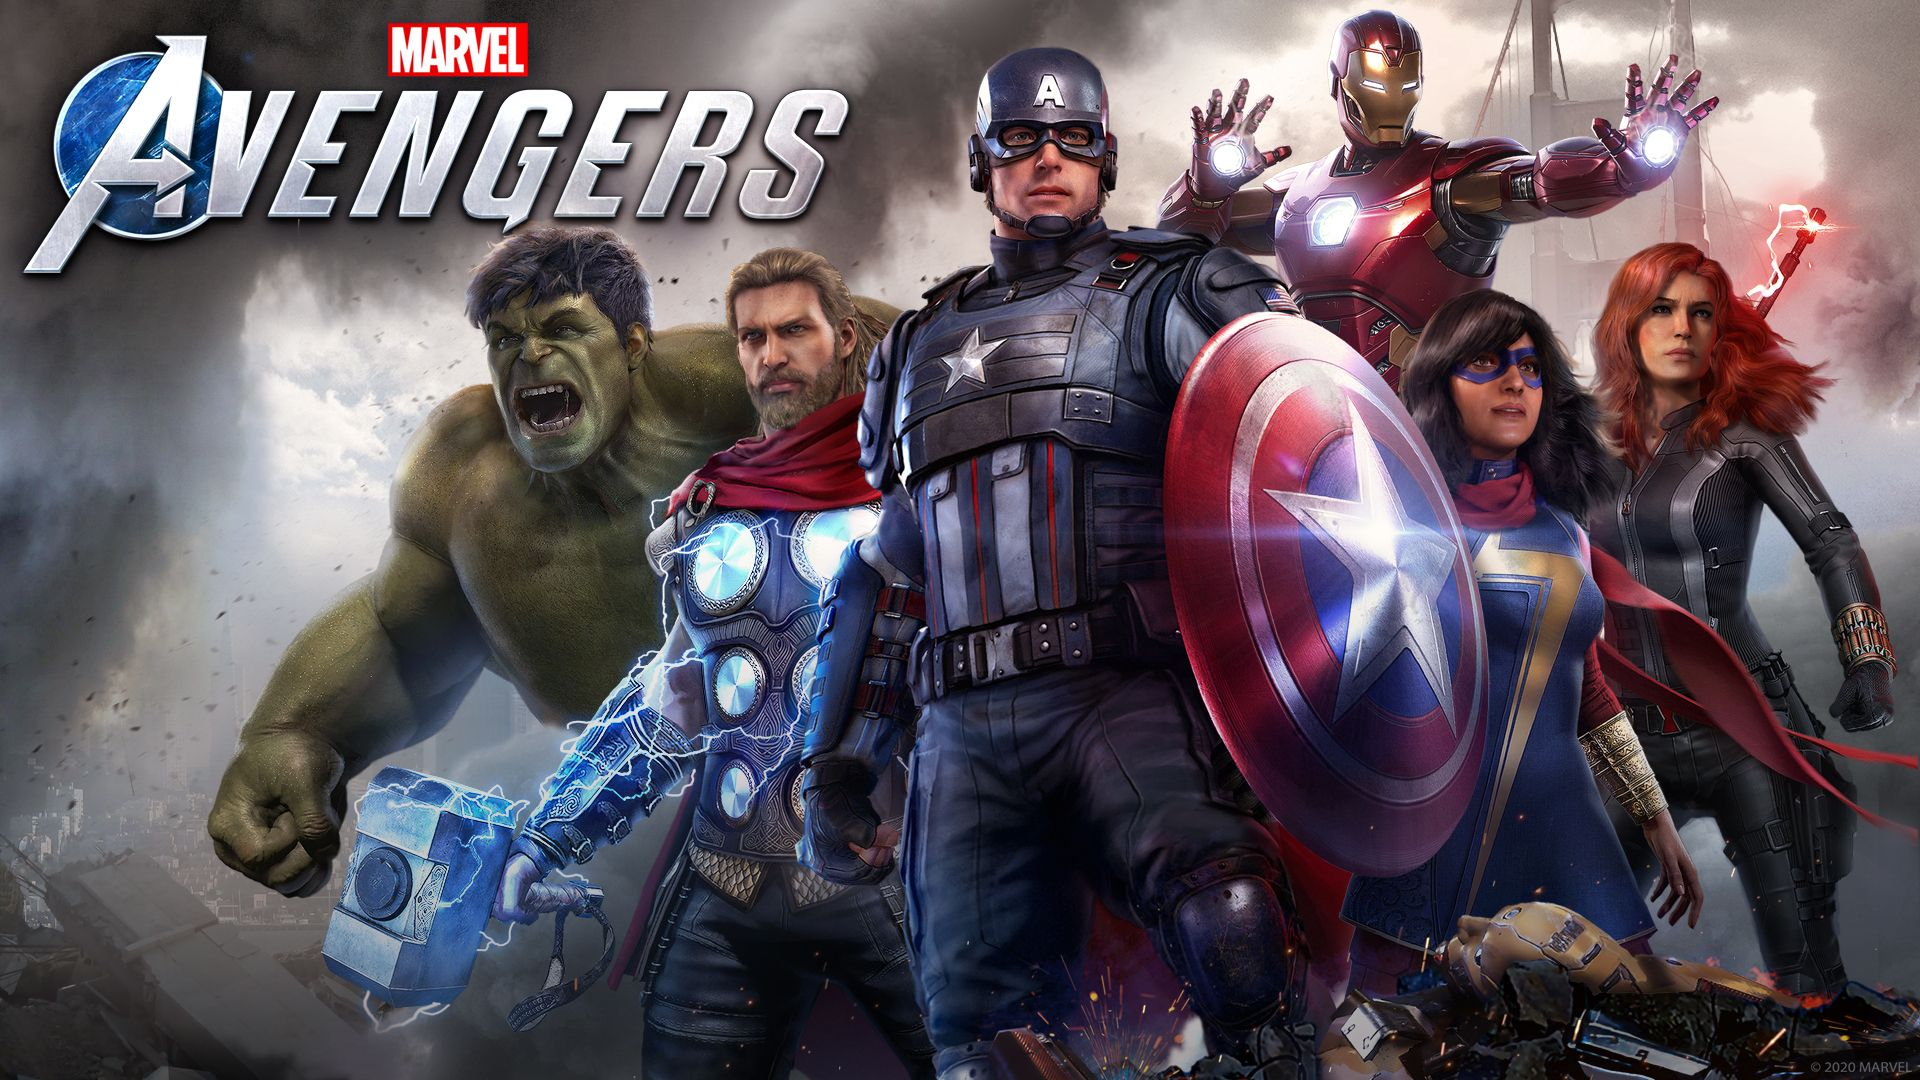 محتوای کامل بازی Marvel's Avengers از هفتهی آینده برای همه قابل تجربه خواهد بود